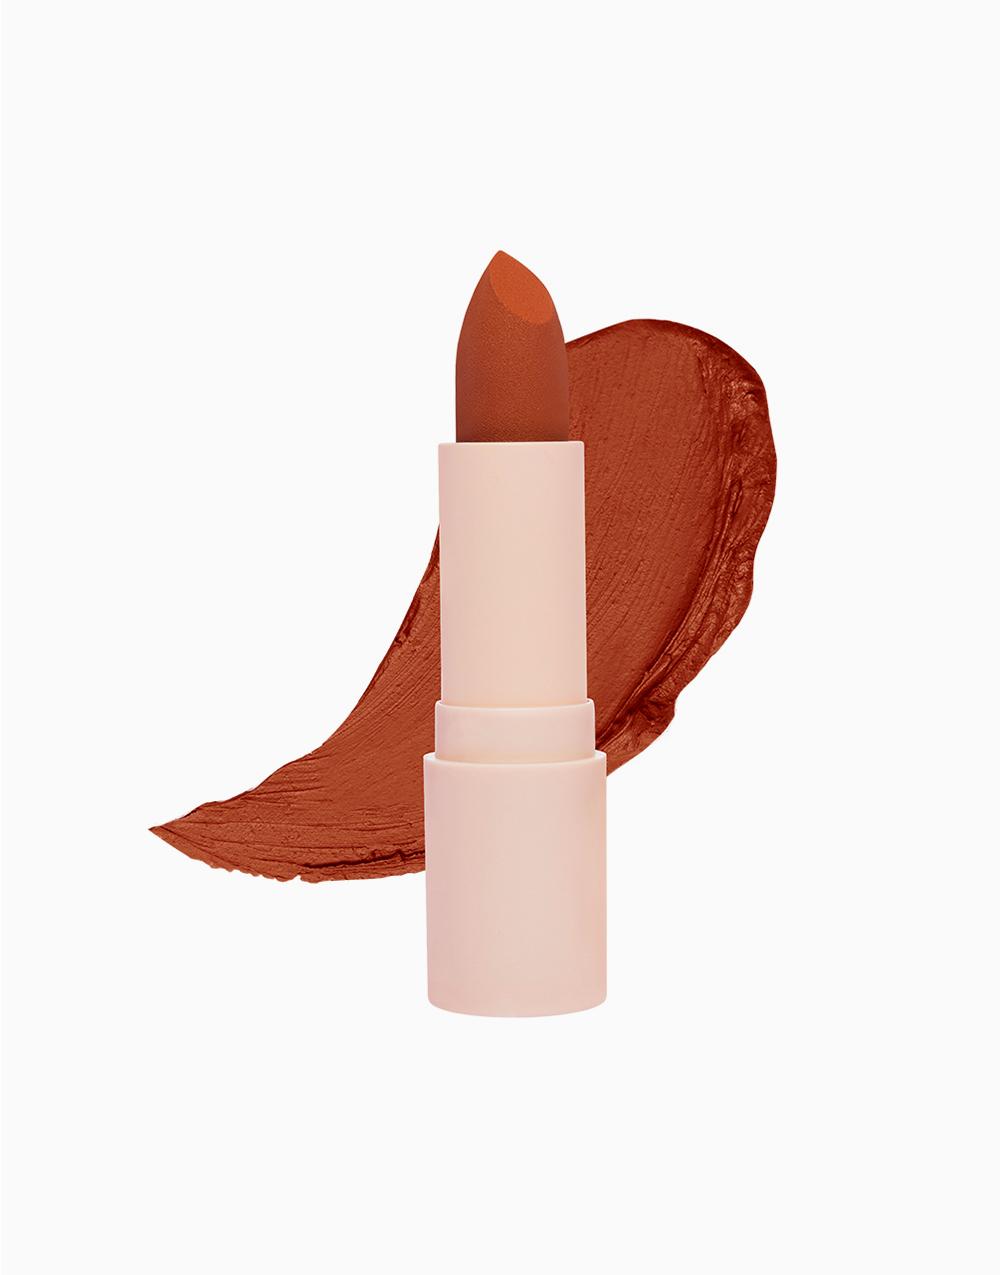 Sunnies Face Fluffmatte [Weightless Modern Matte Lipstick] (Casual) by Sunnies Face